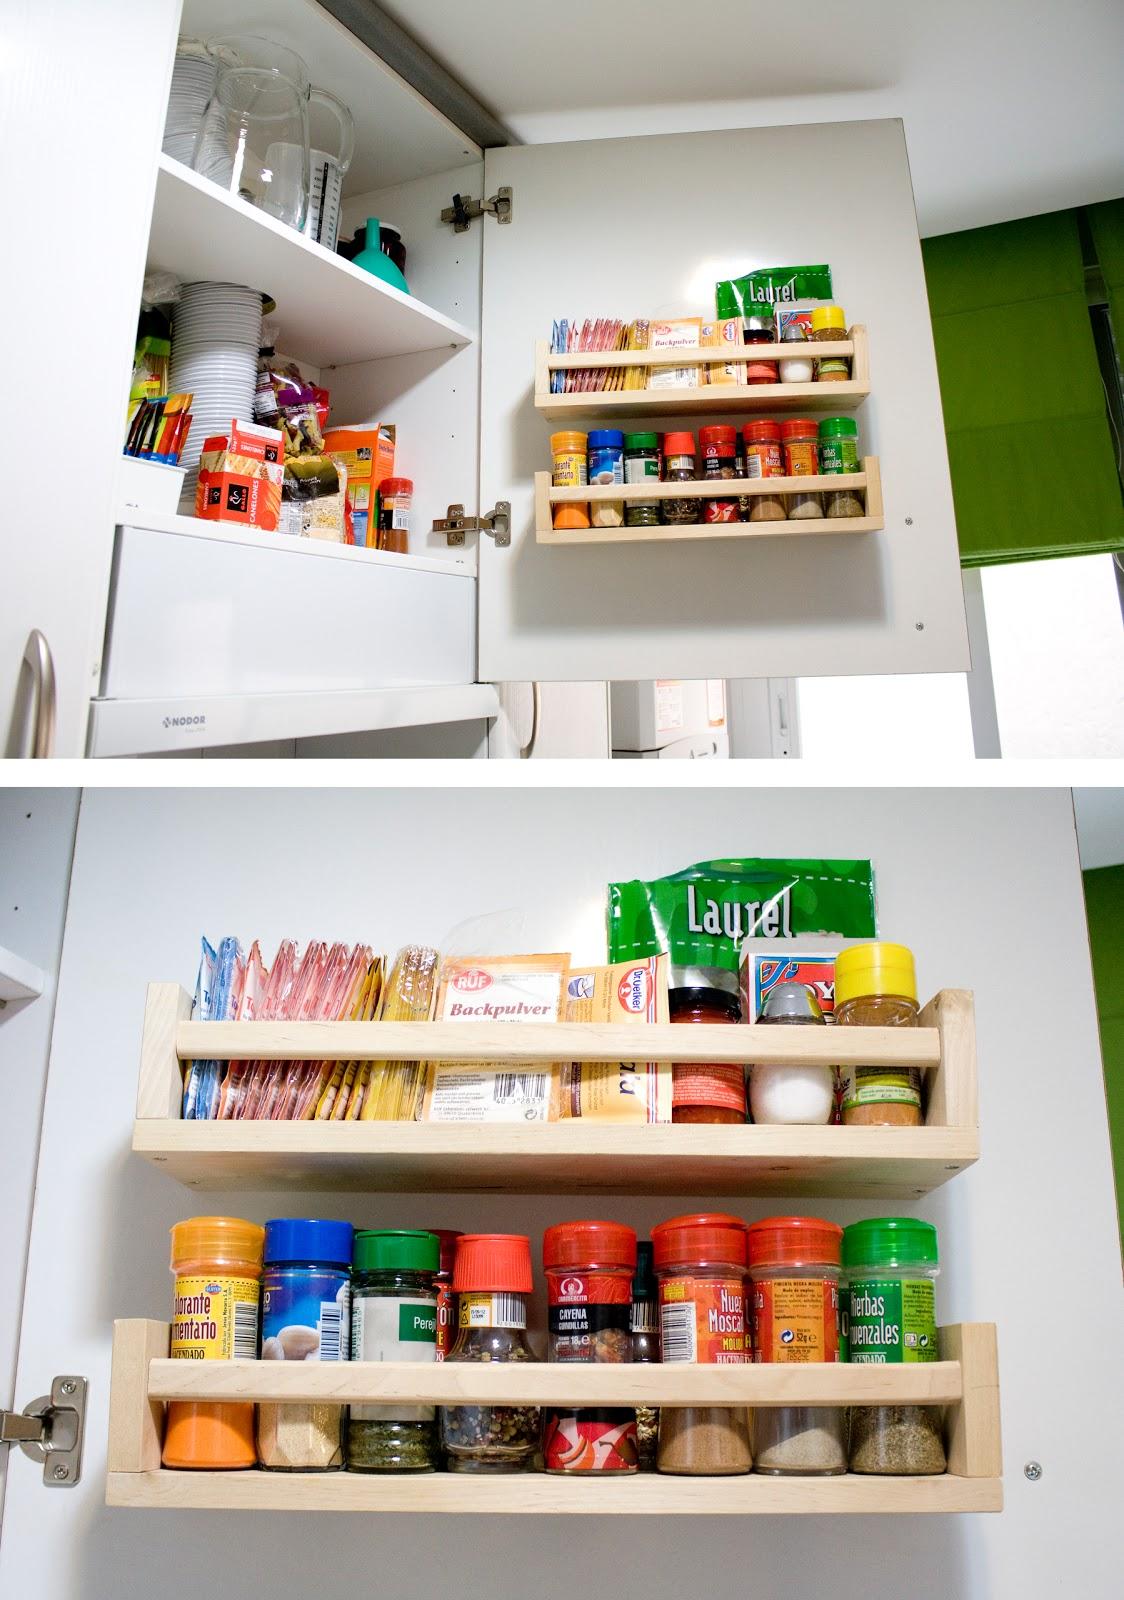 Blootiful montar un especiero en la puerta de un armario for Montar cocina leroy merlin